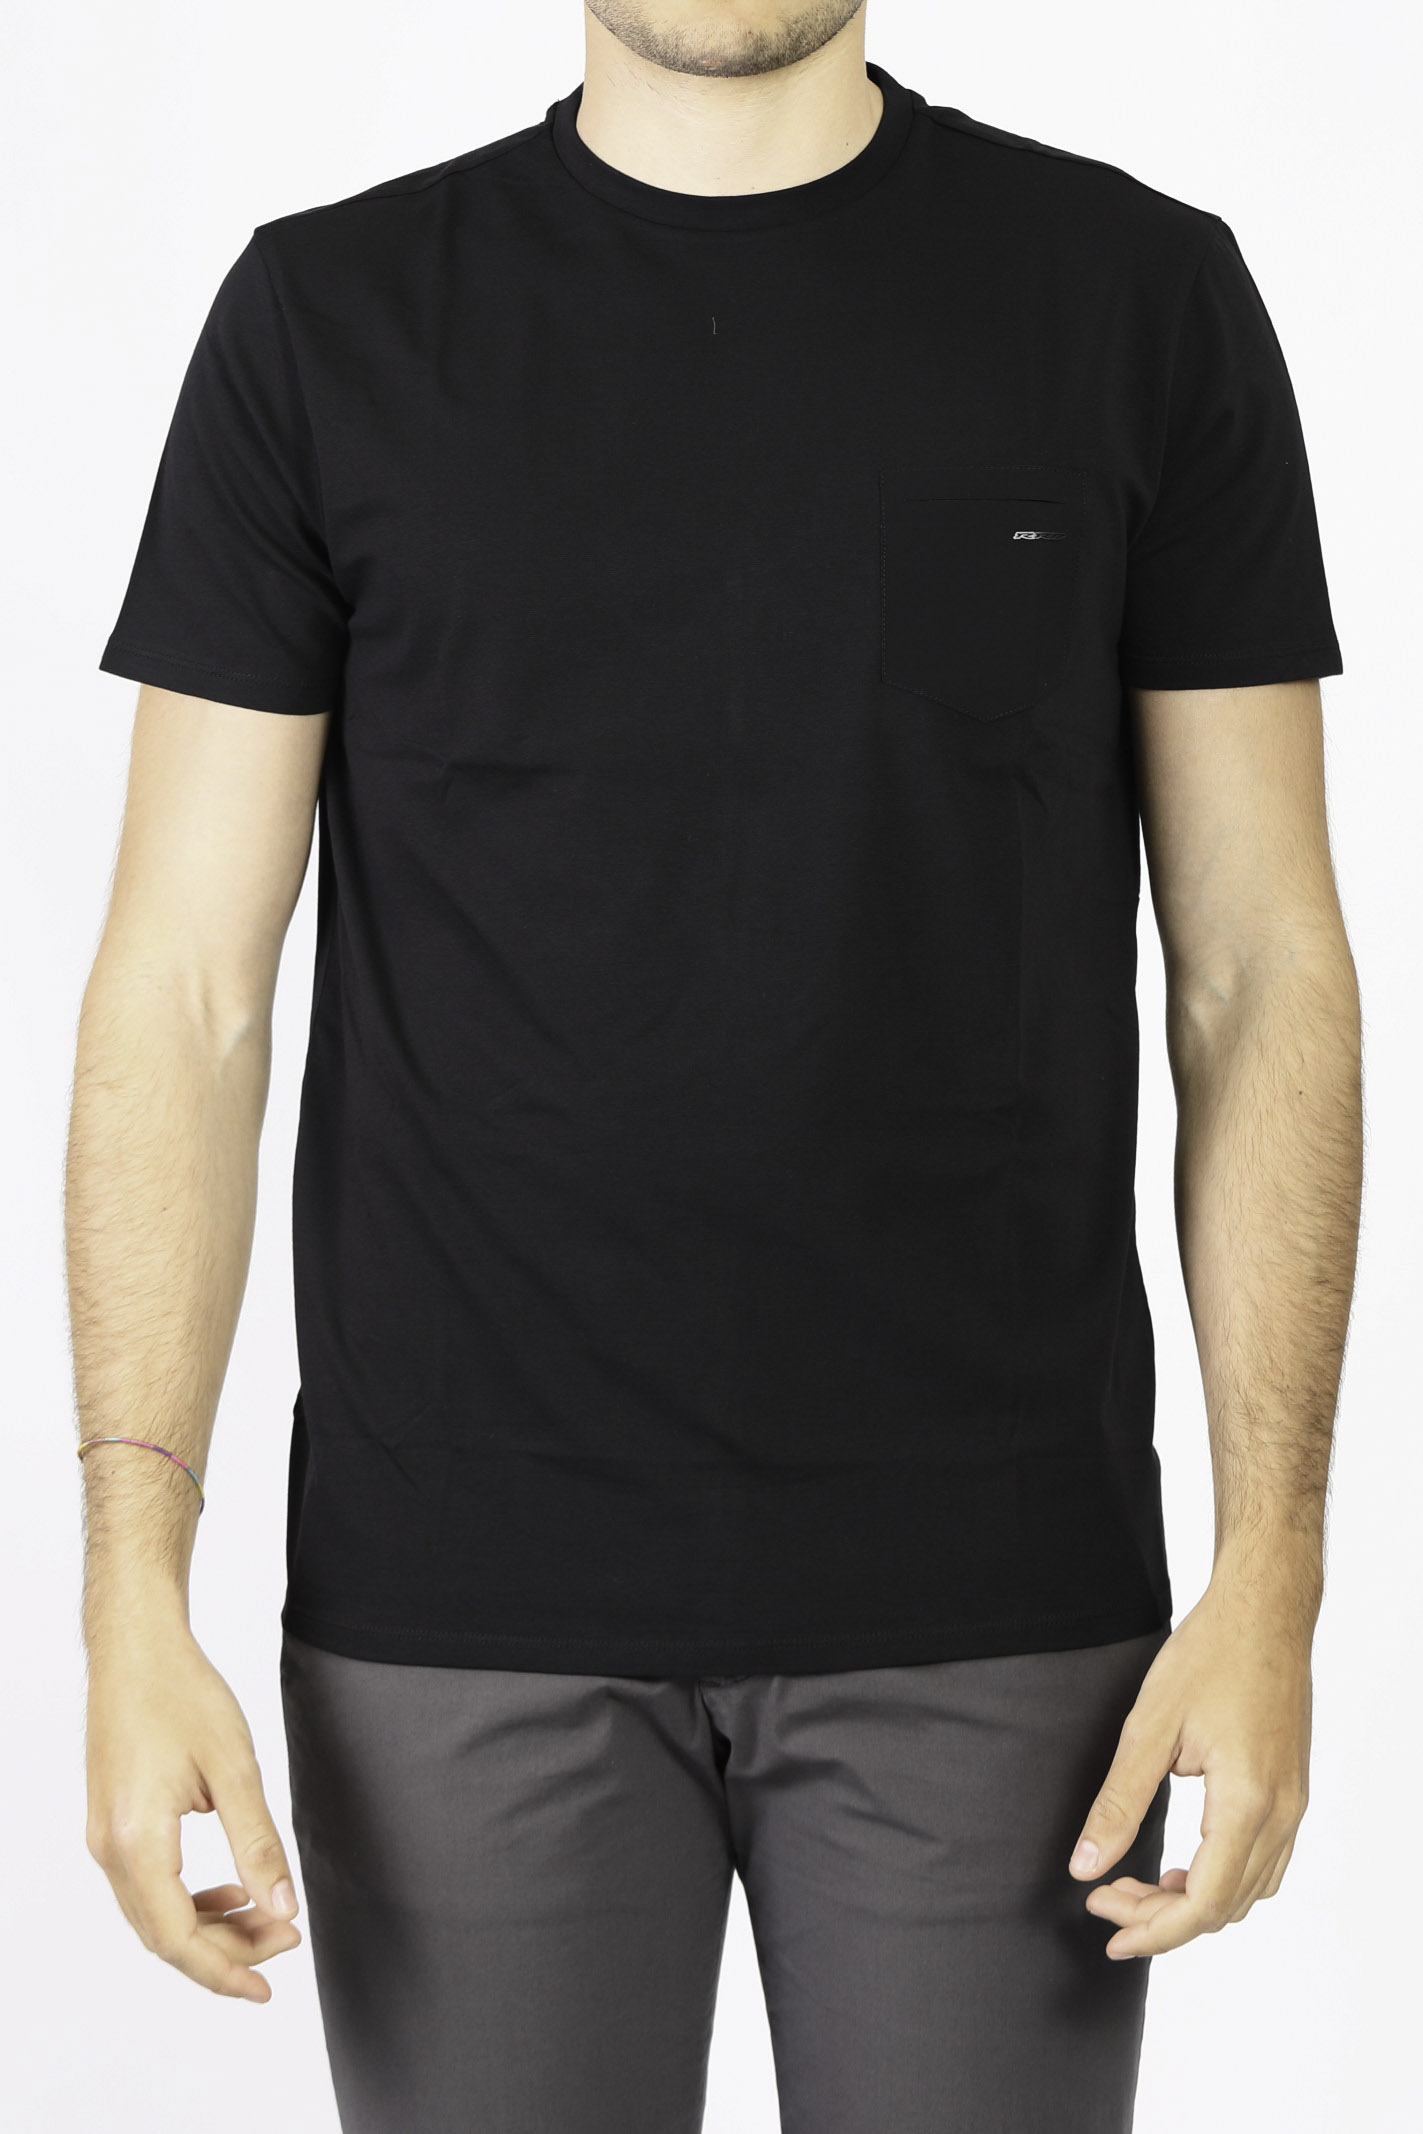 SHIRTY REVO RRD | T-shirt | 2116310